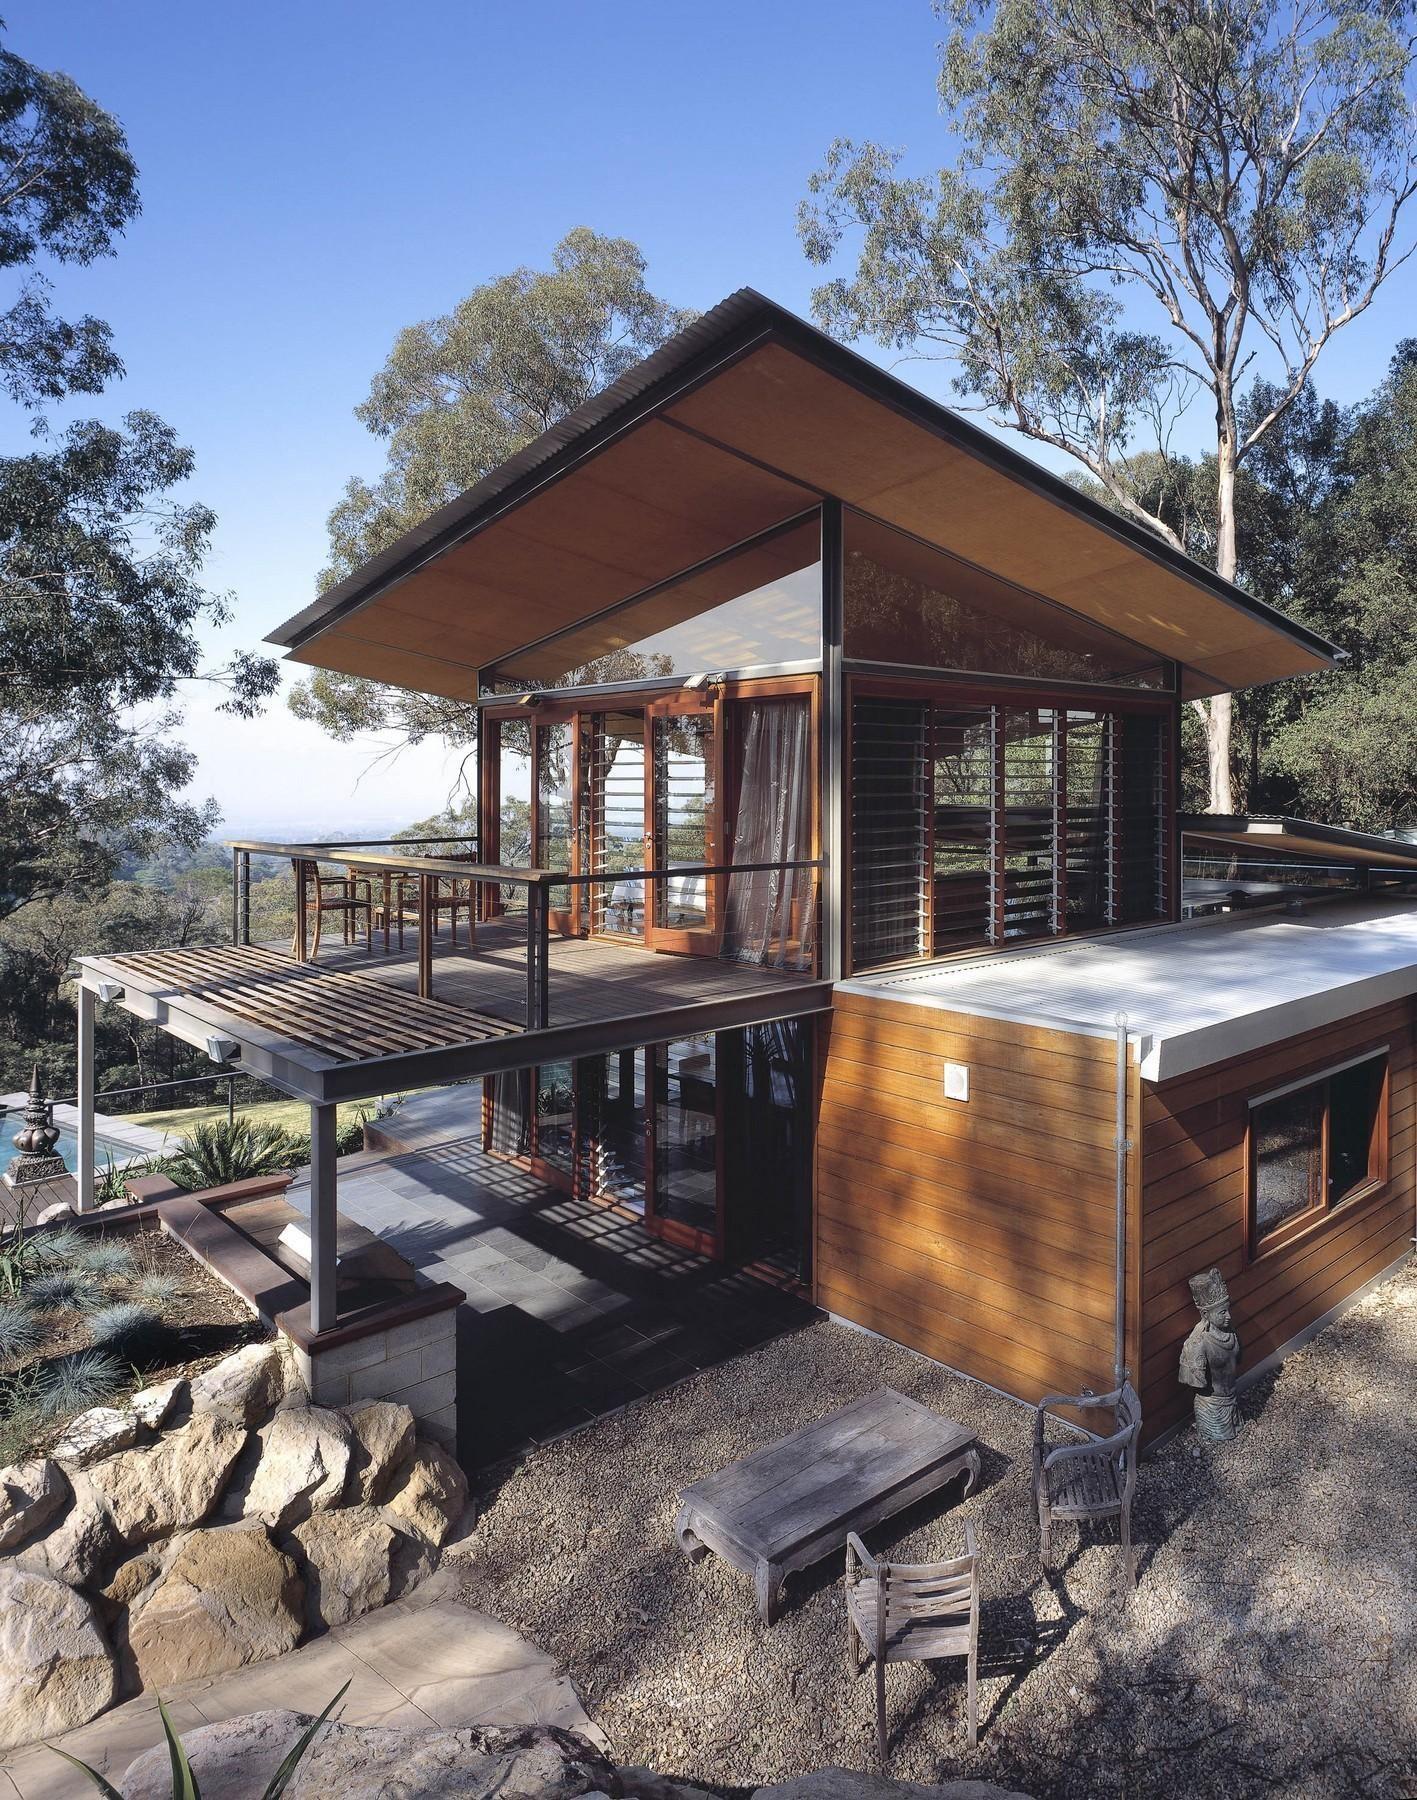 Vue Exceptionnelle Pour Cette Maison Bois Contemporaine à Lu0027architecture  Originale